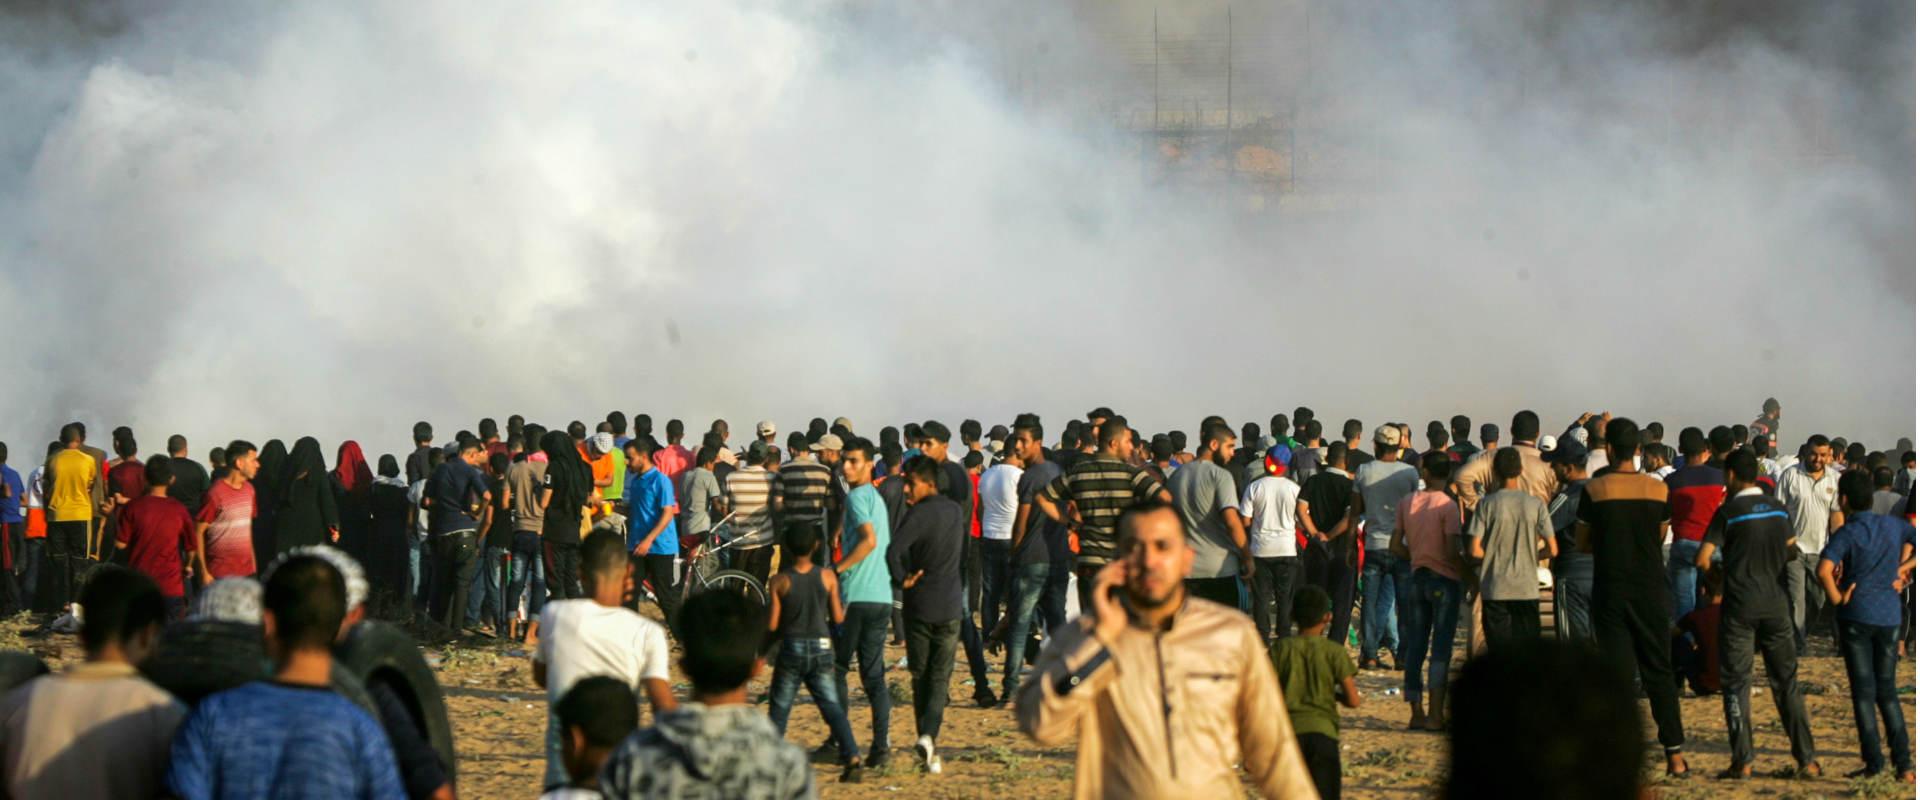 הפגנה של חמאס בגבול